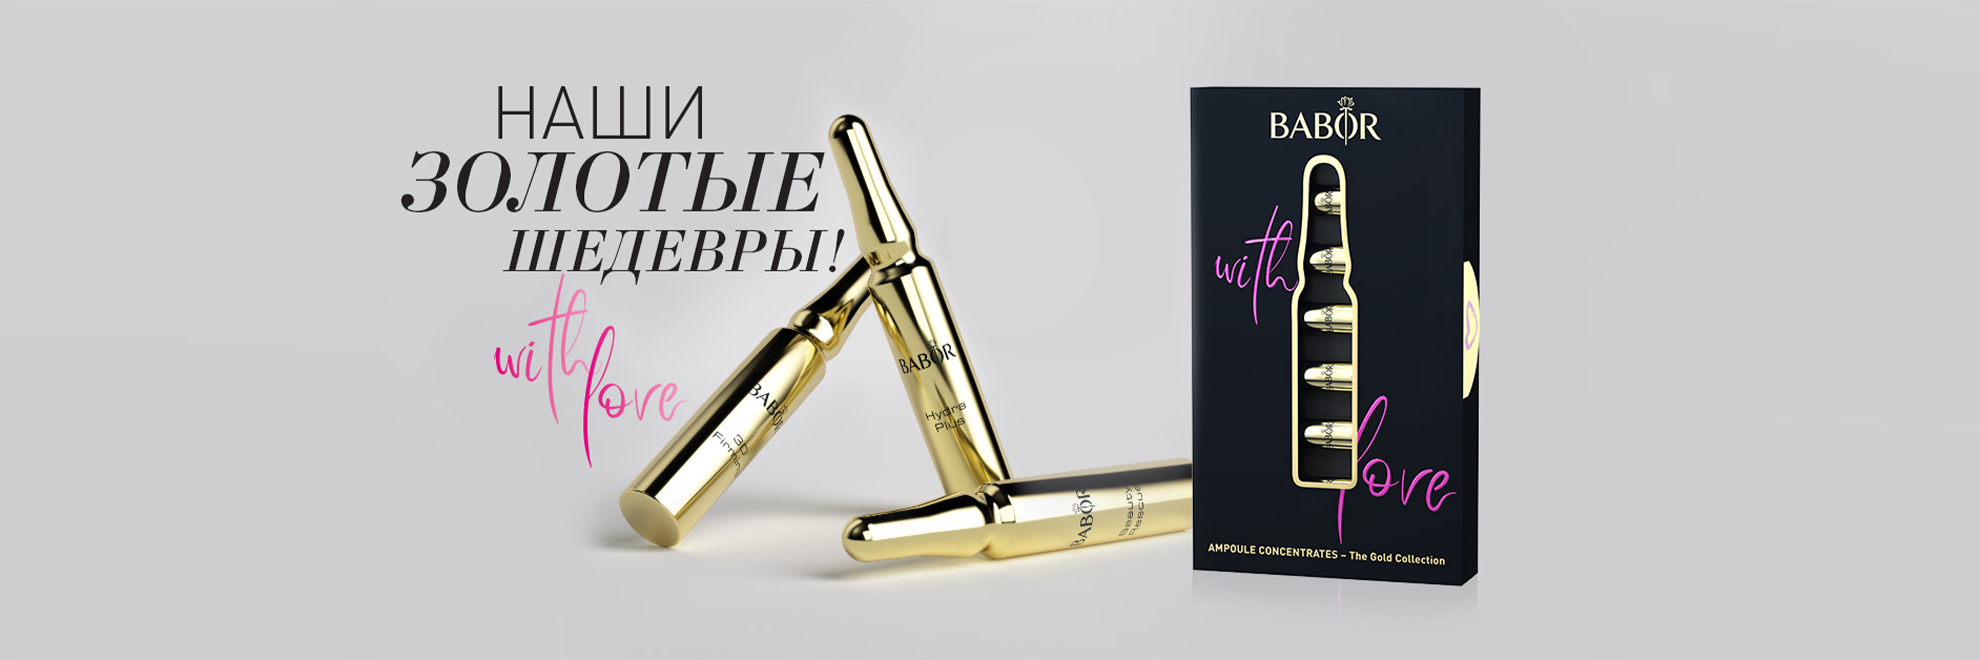 Впервые – Коллекция Ампульных Шедевров BABOR в золотом оформлении